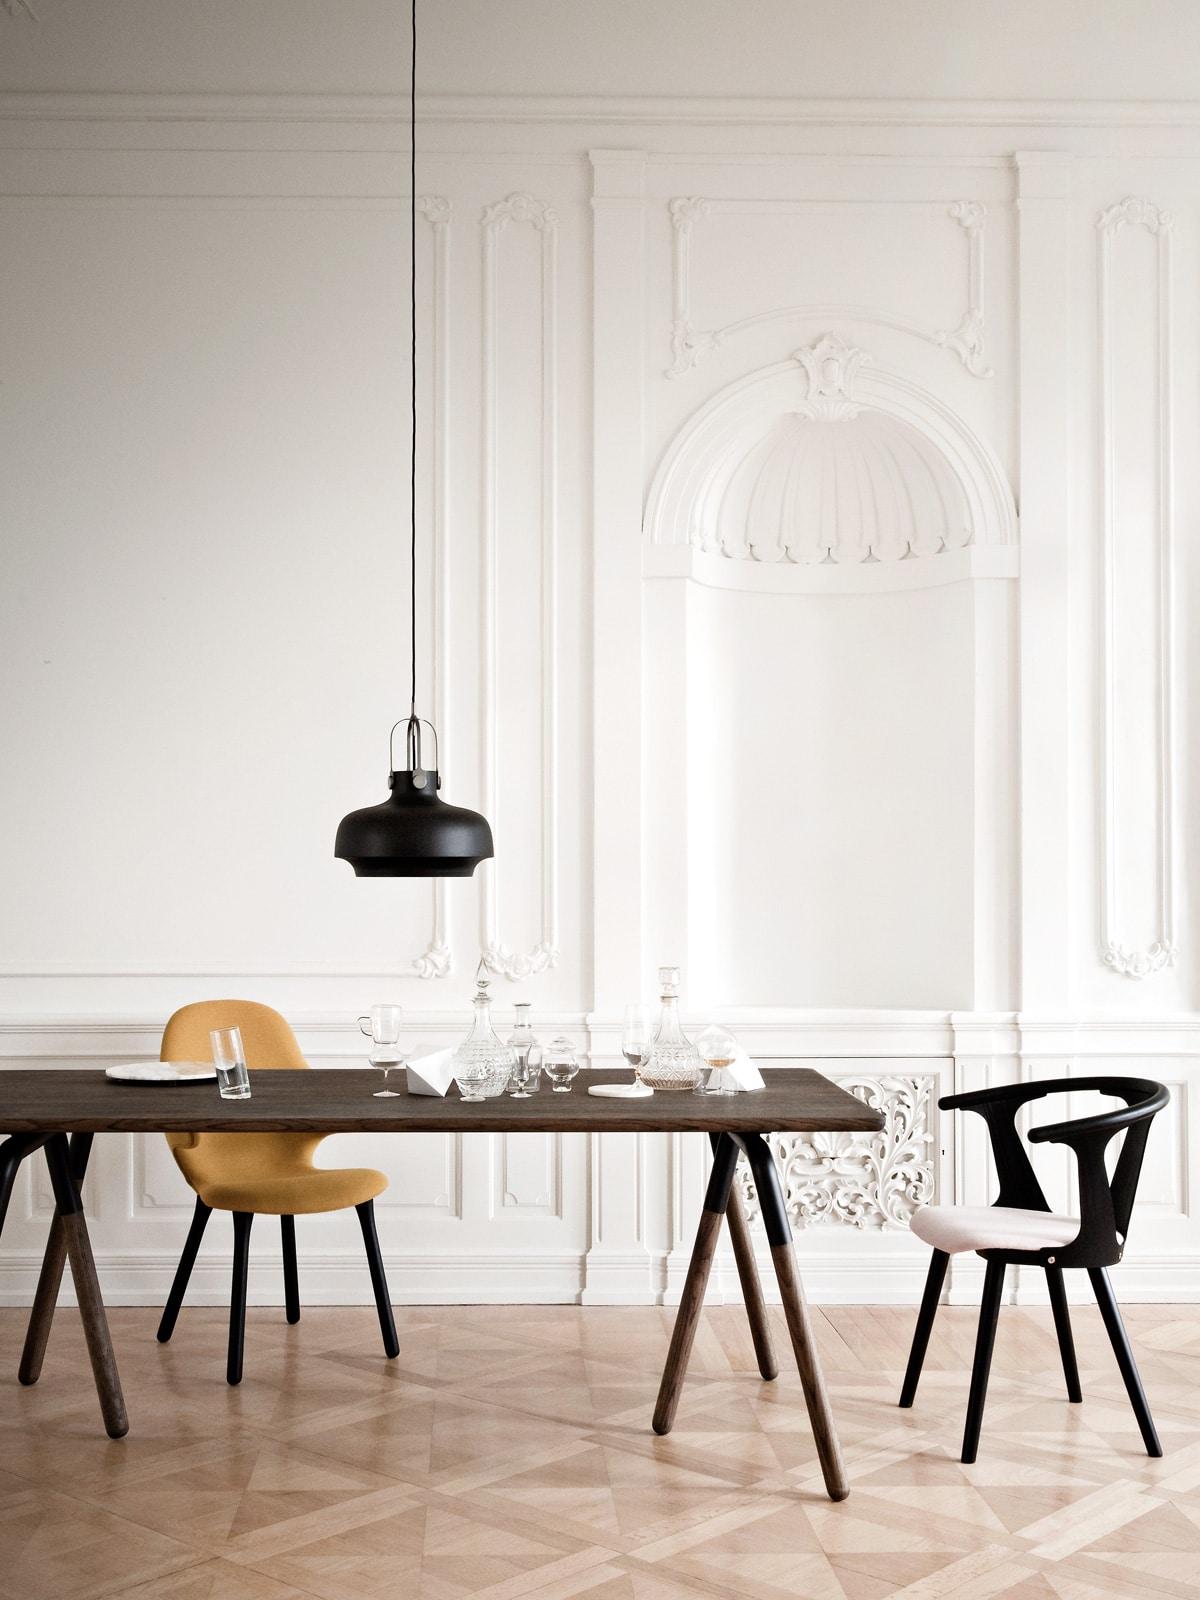 copenhagen sc6 - lampen leuchten designerleuchten online berlin design, Gartengerate ideen